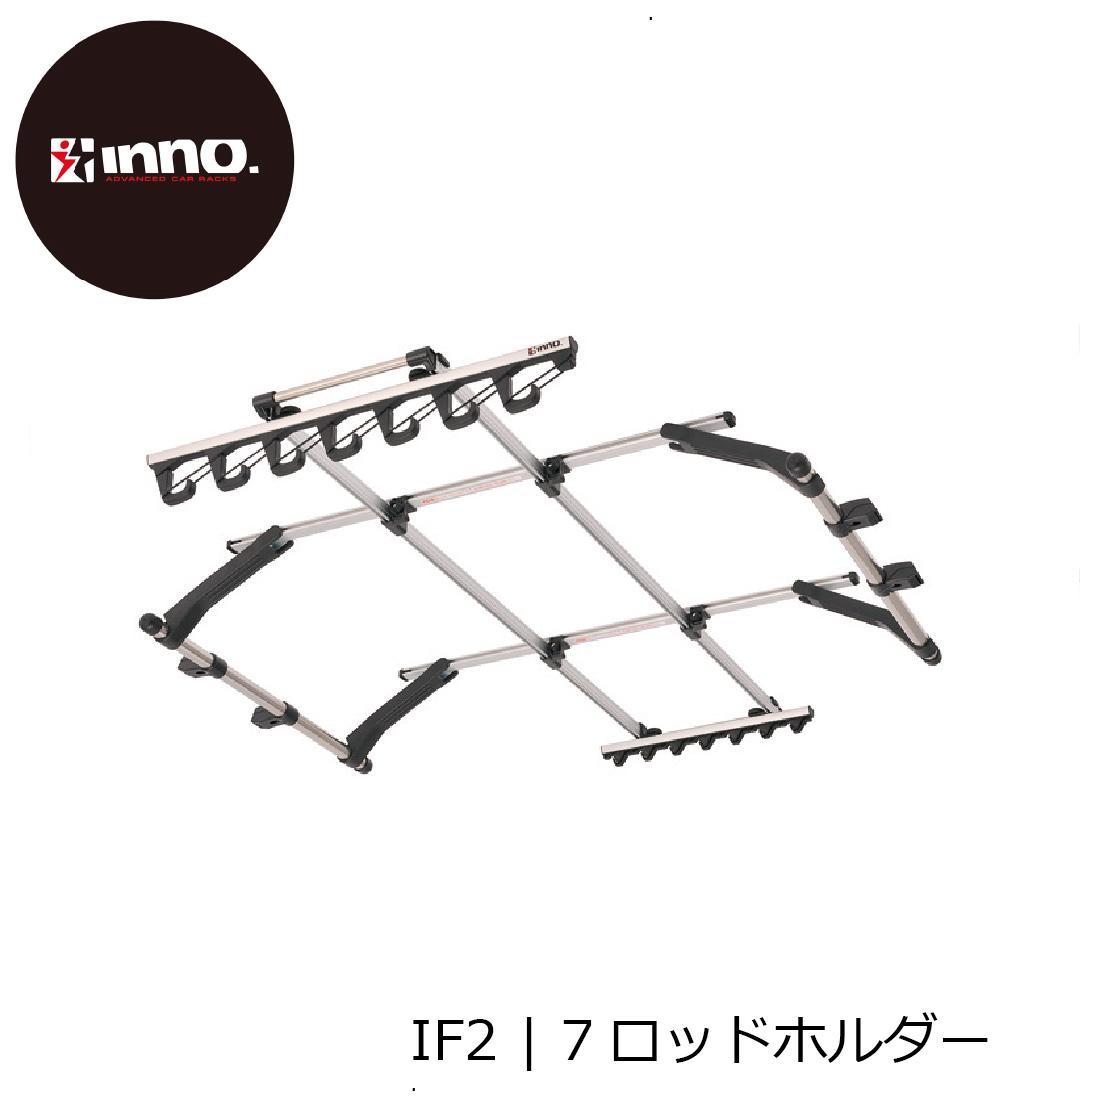 INNO IF2 | 7ロッドホルダー | フィッシングINNO FIRSTSTRIKE フィッシング カーメイト ロッドホルダー イノー